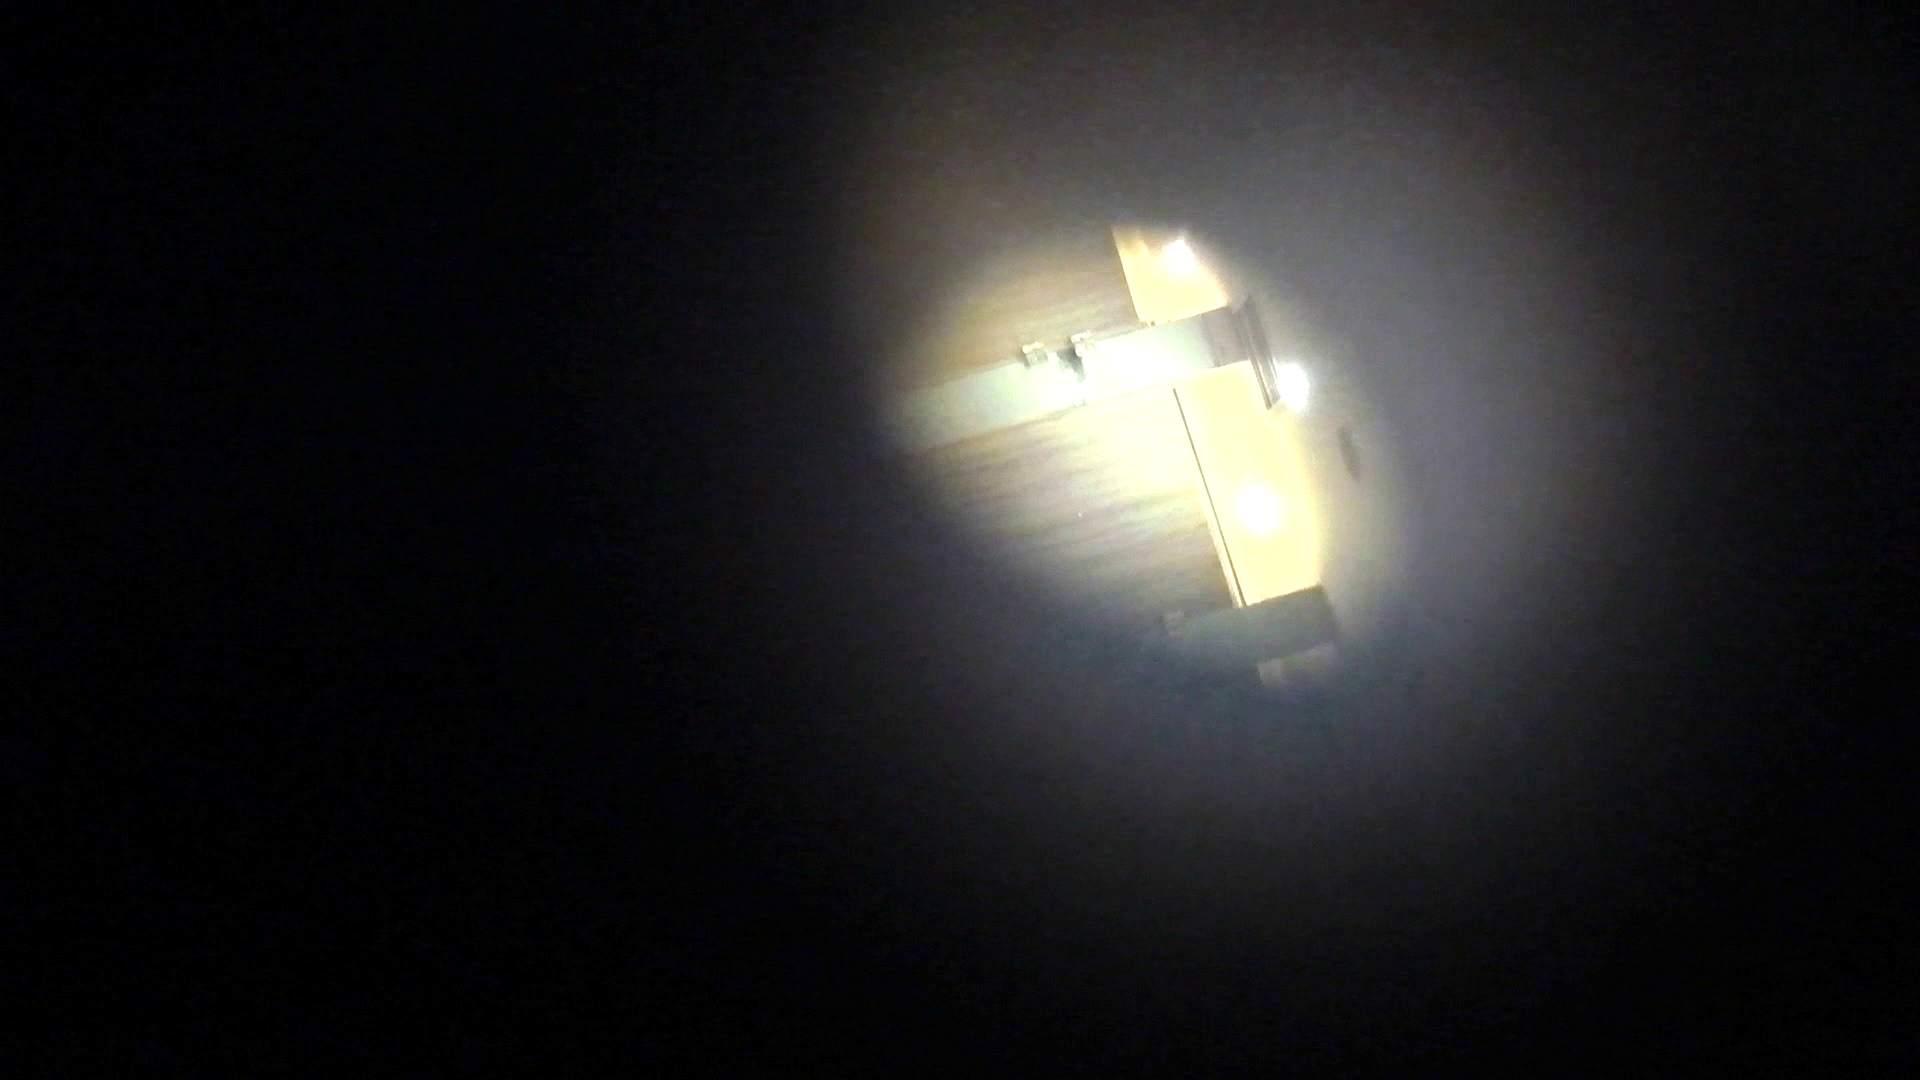 阿国ちゃんの「和式洋式七変化」No.12 和式で・・・ オメコ無修正動画無料 99画像 17